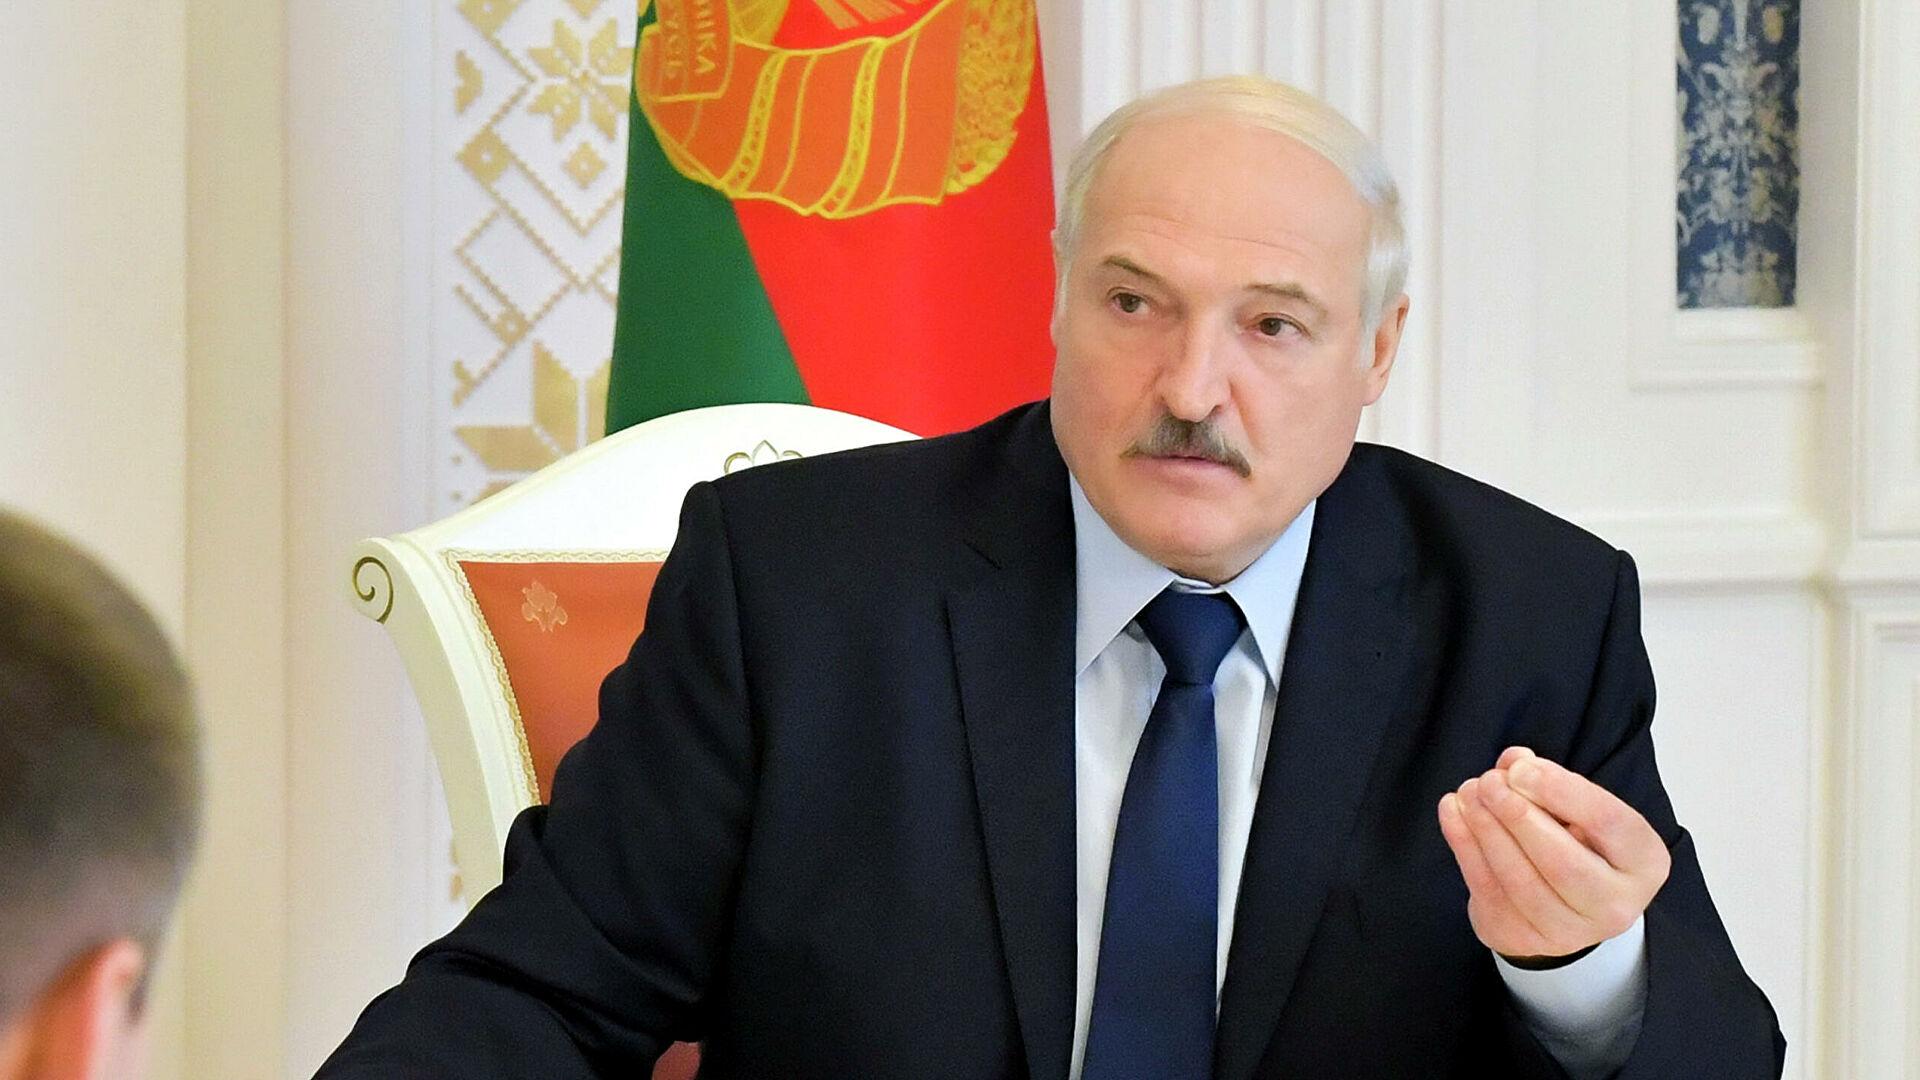 Лукашенко: Председник Русије и ја смо се јасно договорили да ћемо увек бити један другом поуздан пријатељ и ослонац